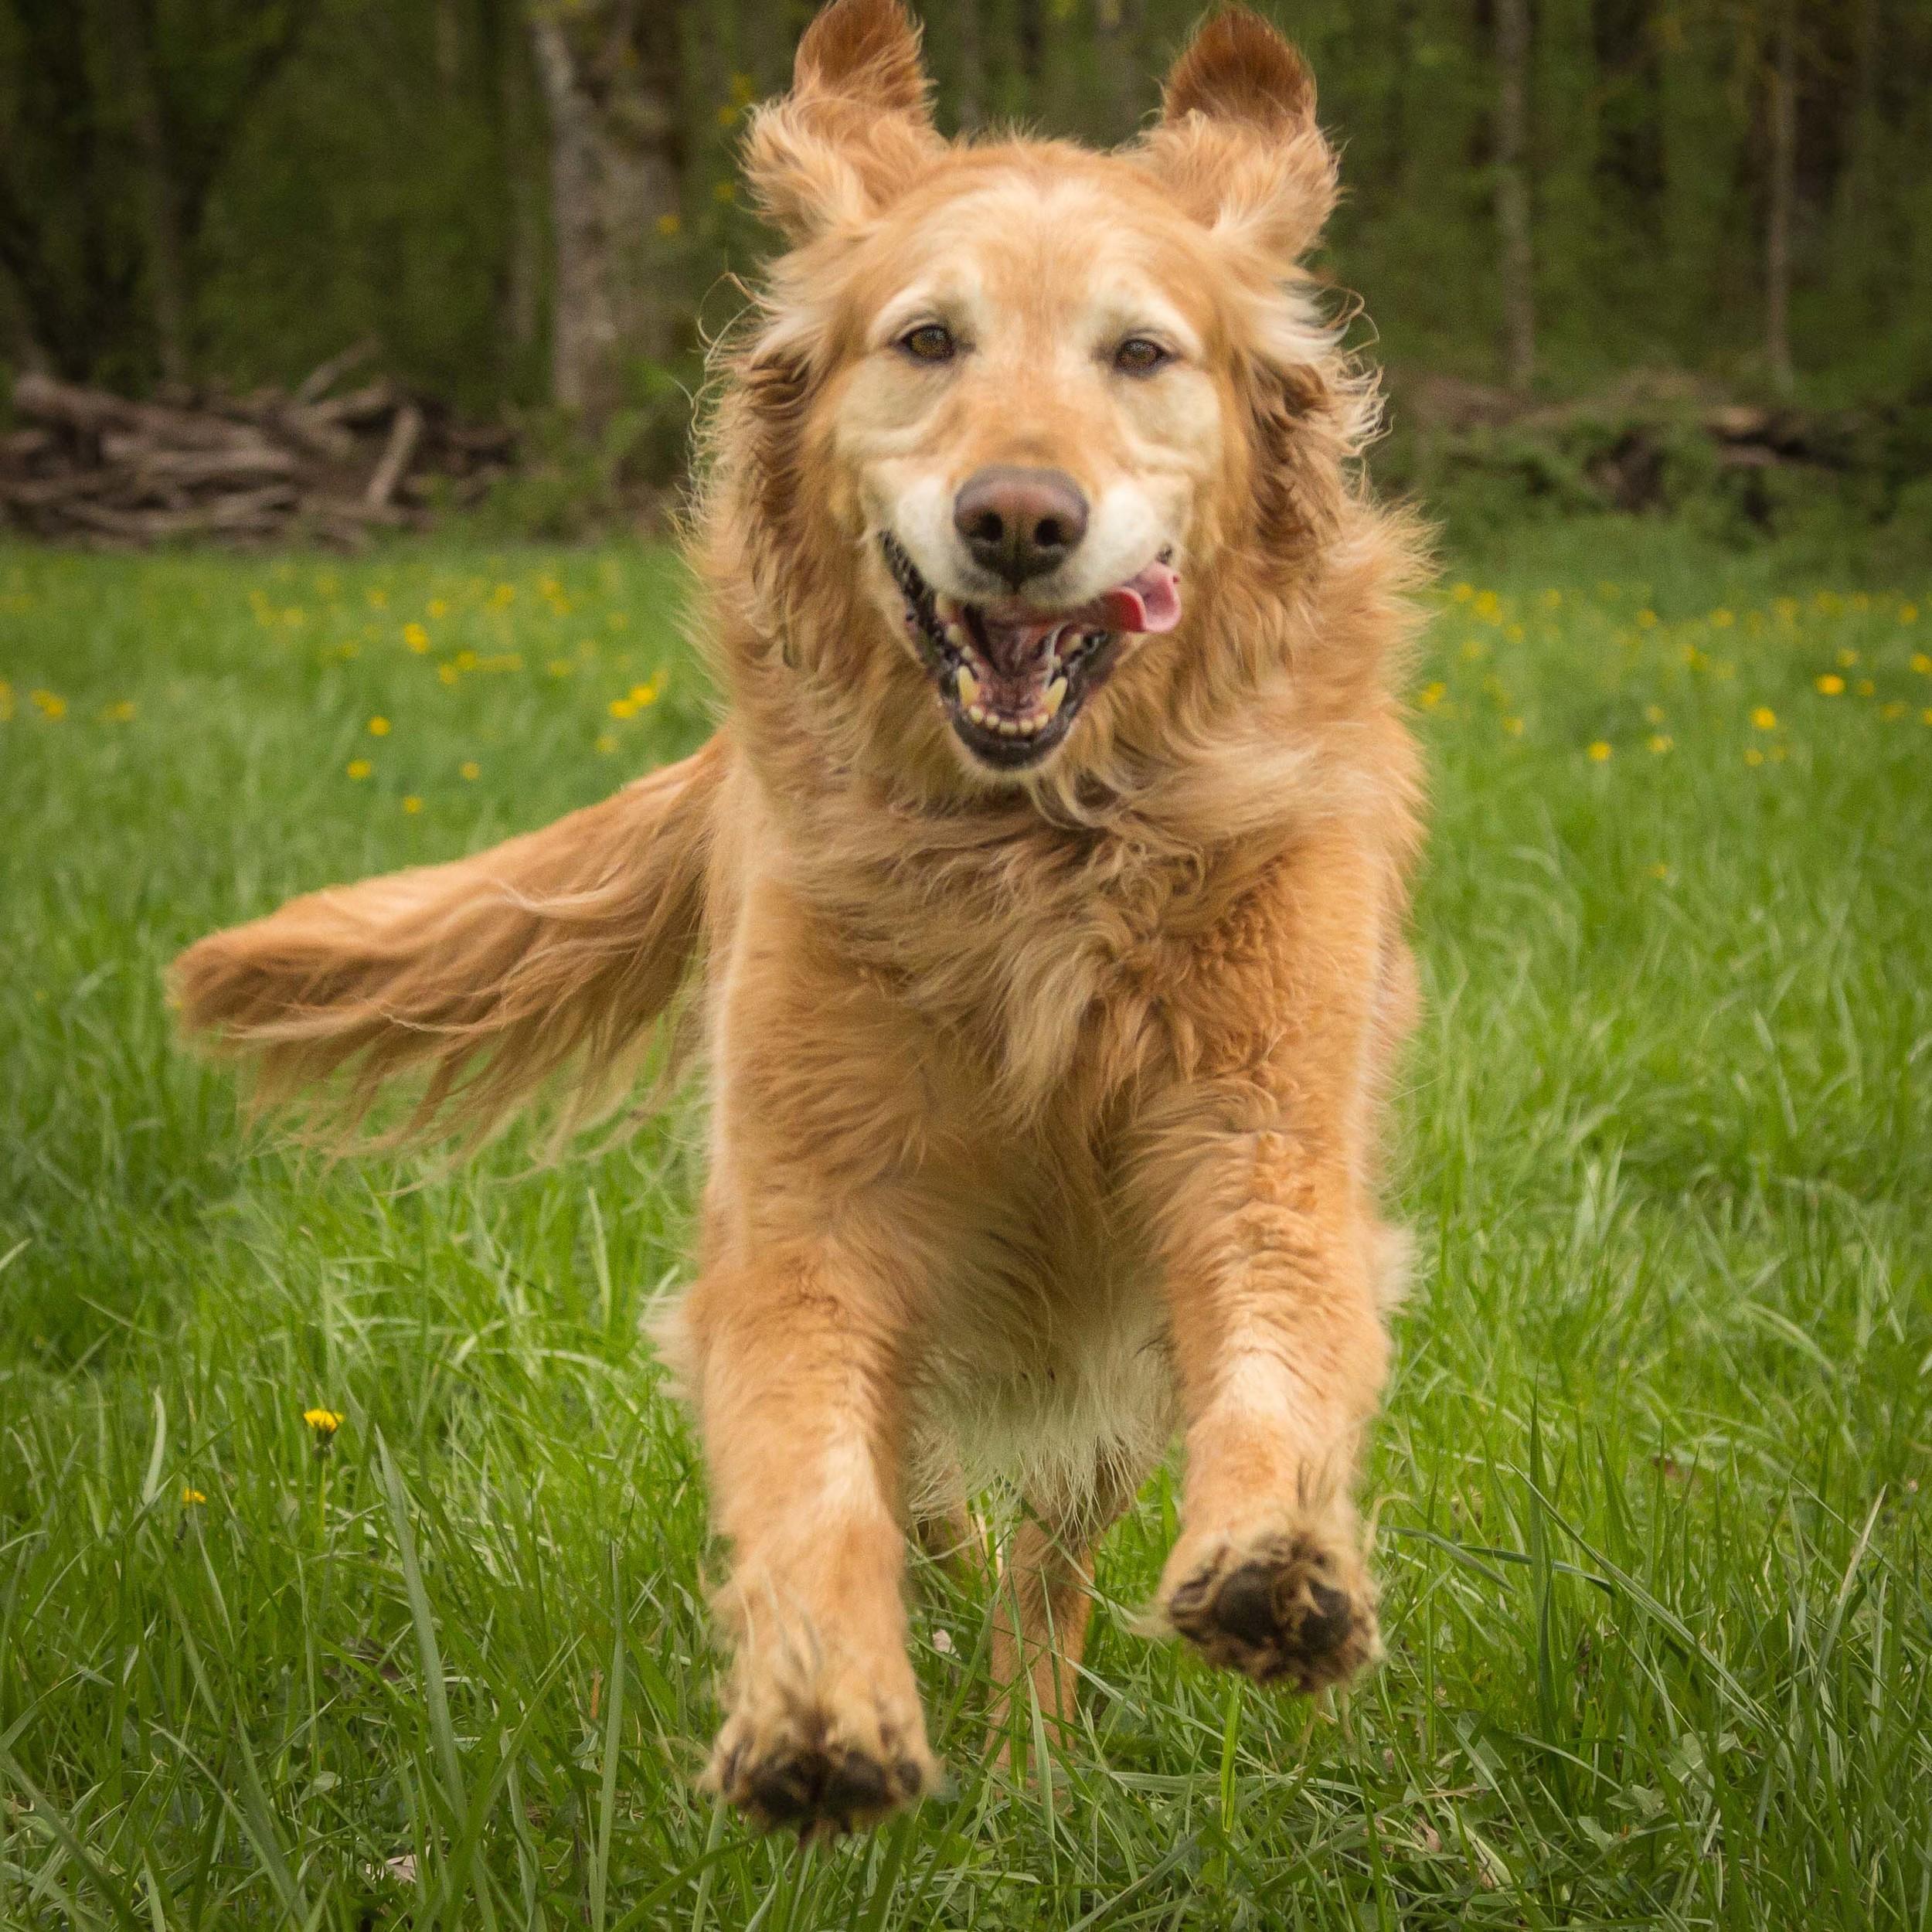 dog-marley-5.jpg